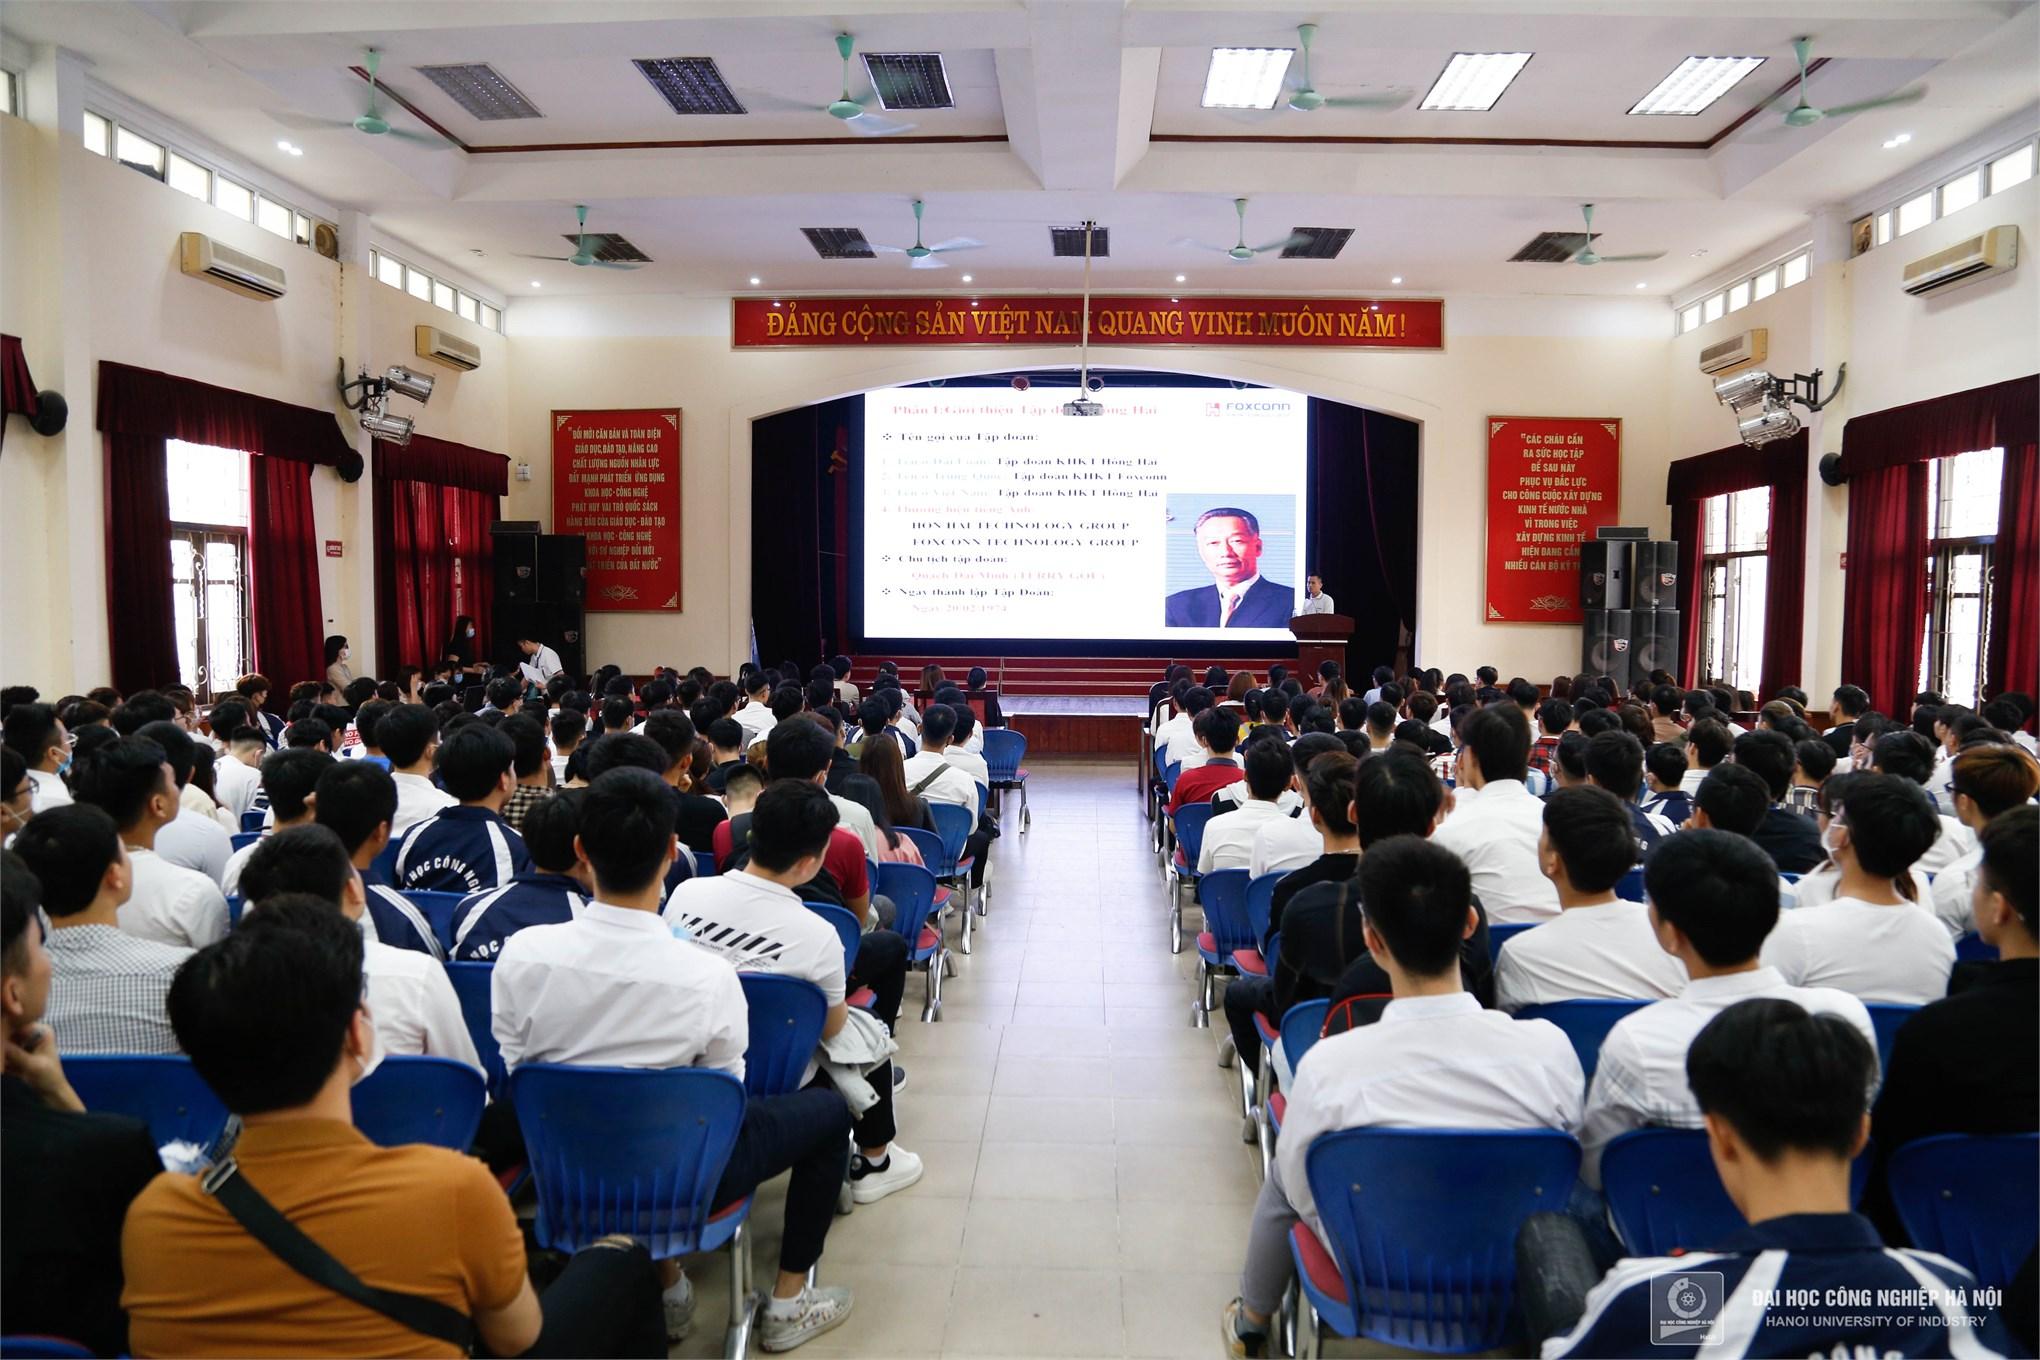 Toàn cảnh Hội thảo cơ hội việc làm và tuyển dụng trực tiếp của Tập đoàn KHKT Hồng Hải (Foxconn) tại Đại học Công nghiệp Hà Nội